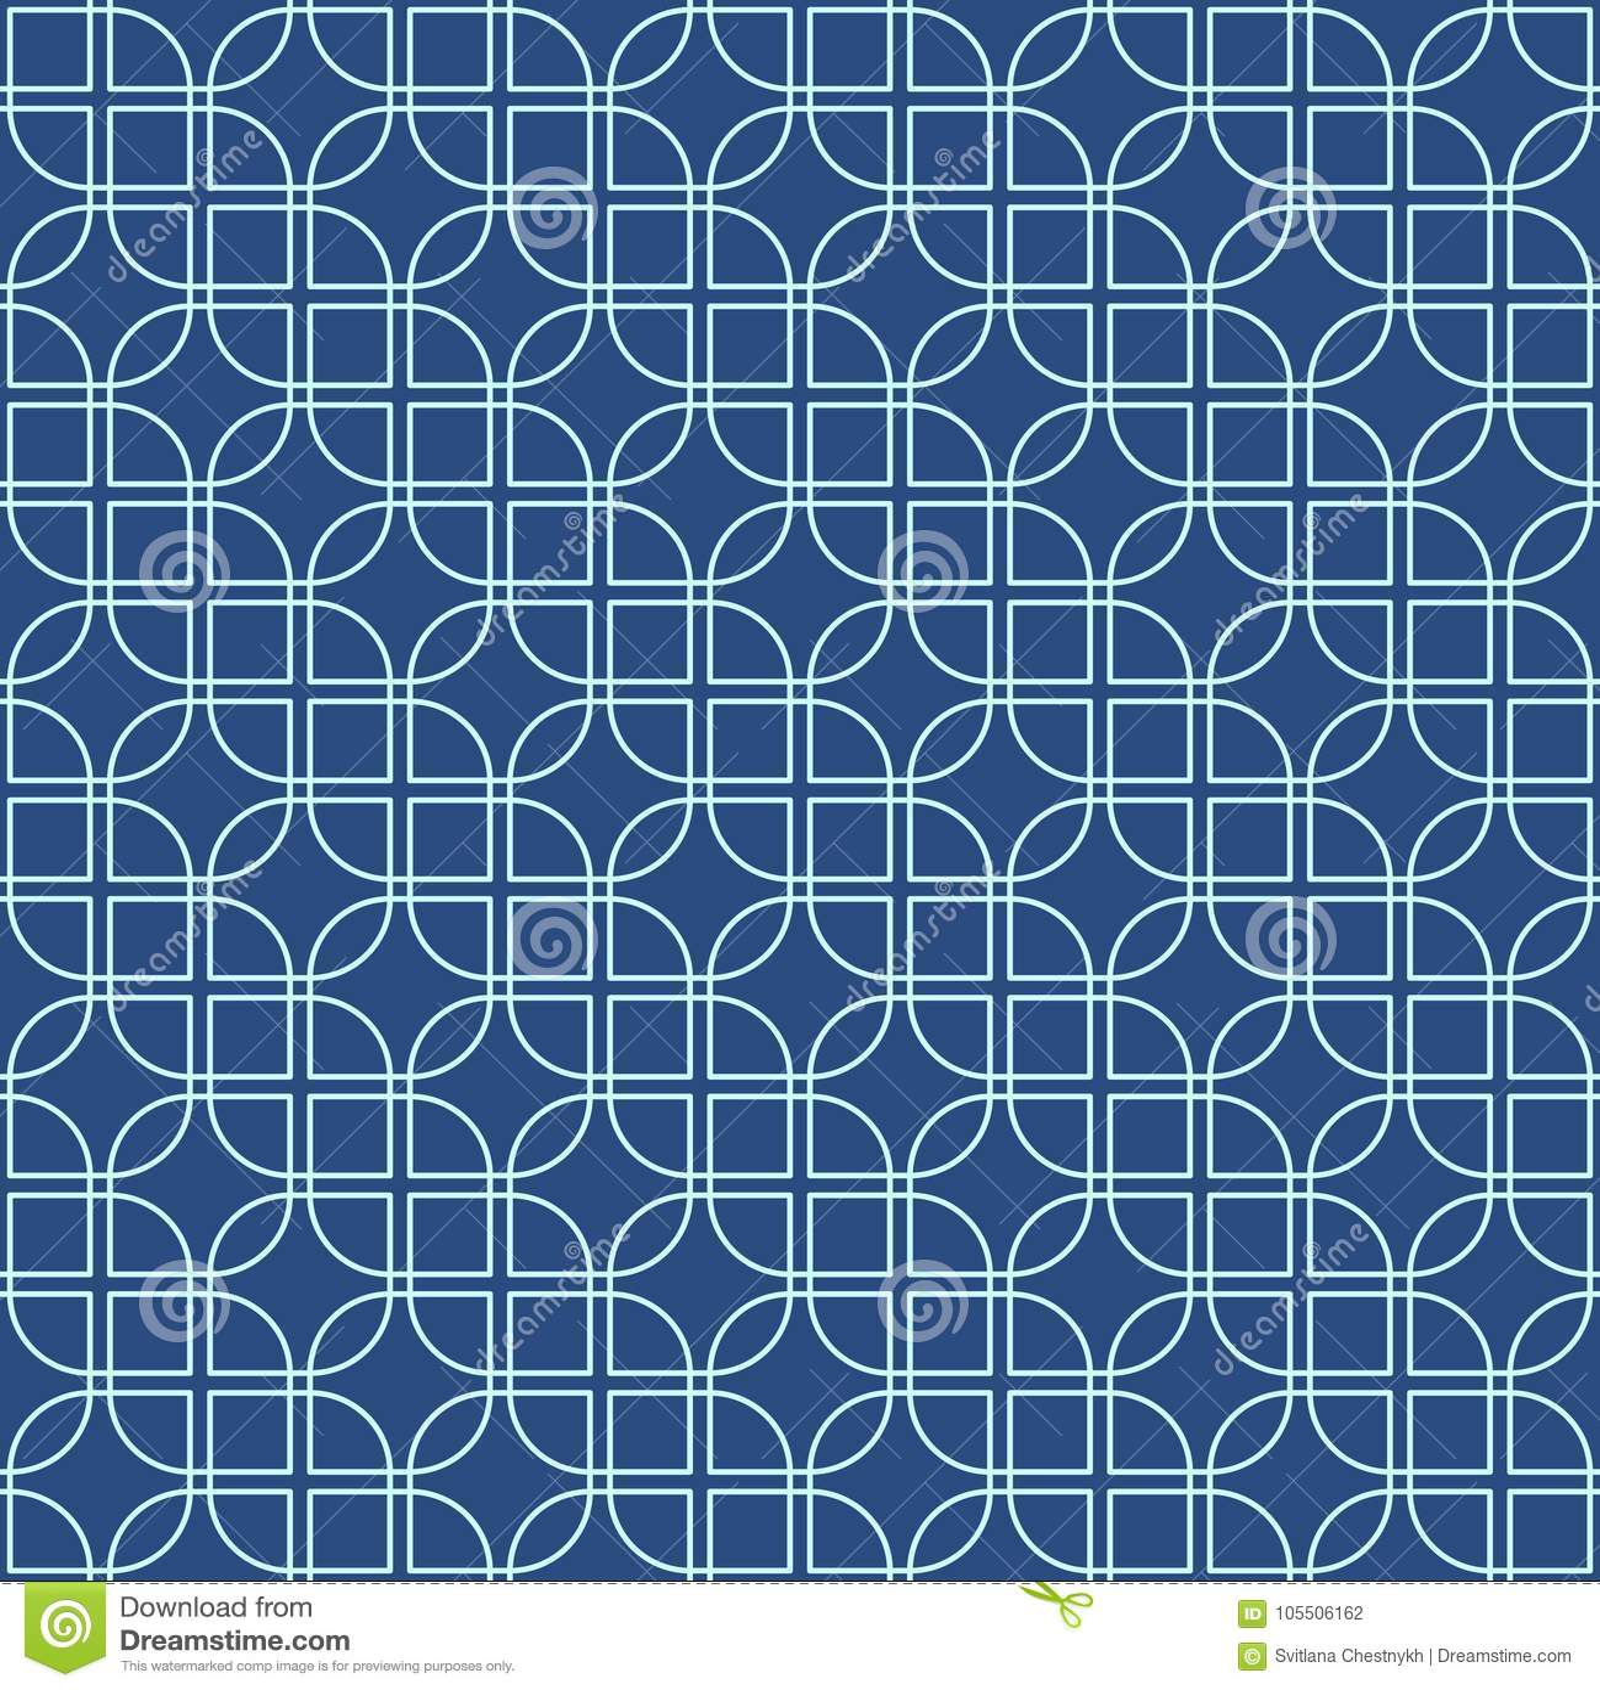 Seamless Line Pattern Abstract Geo Background Dark